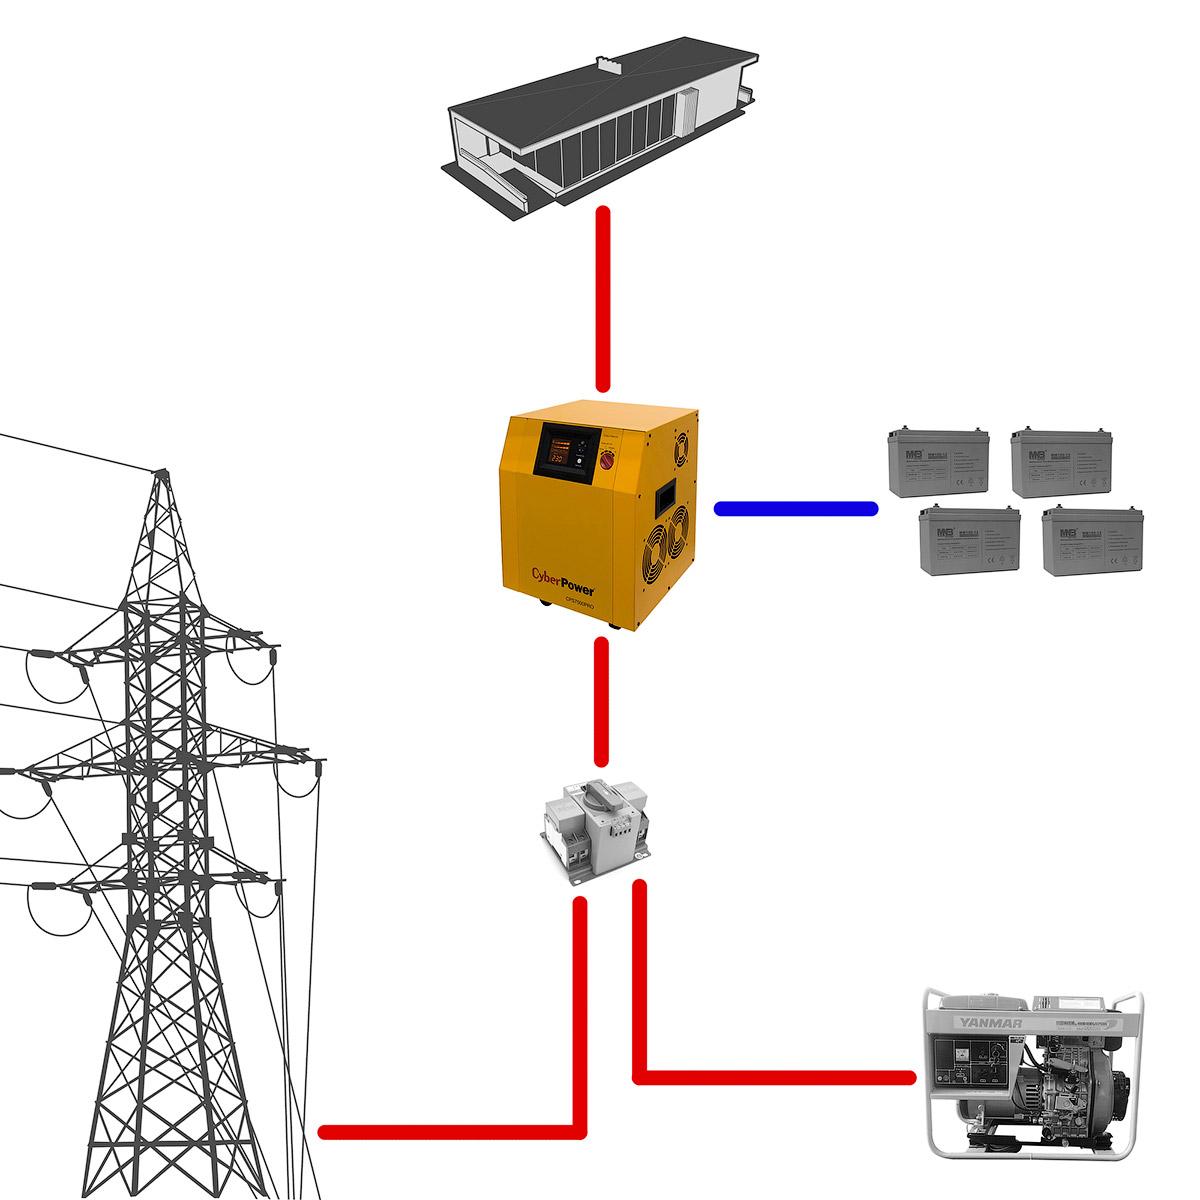 тепловентиляторы электрические китай схема